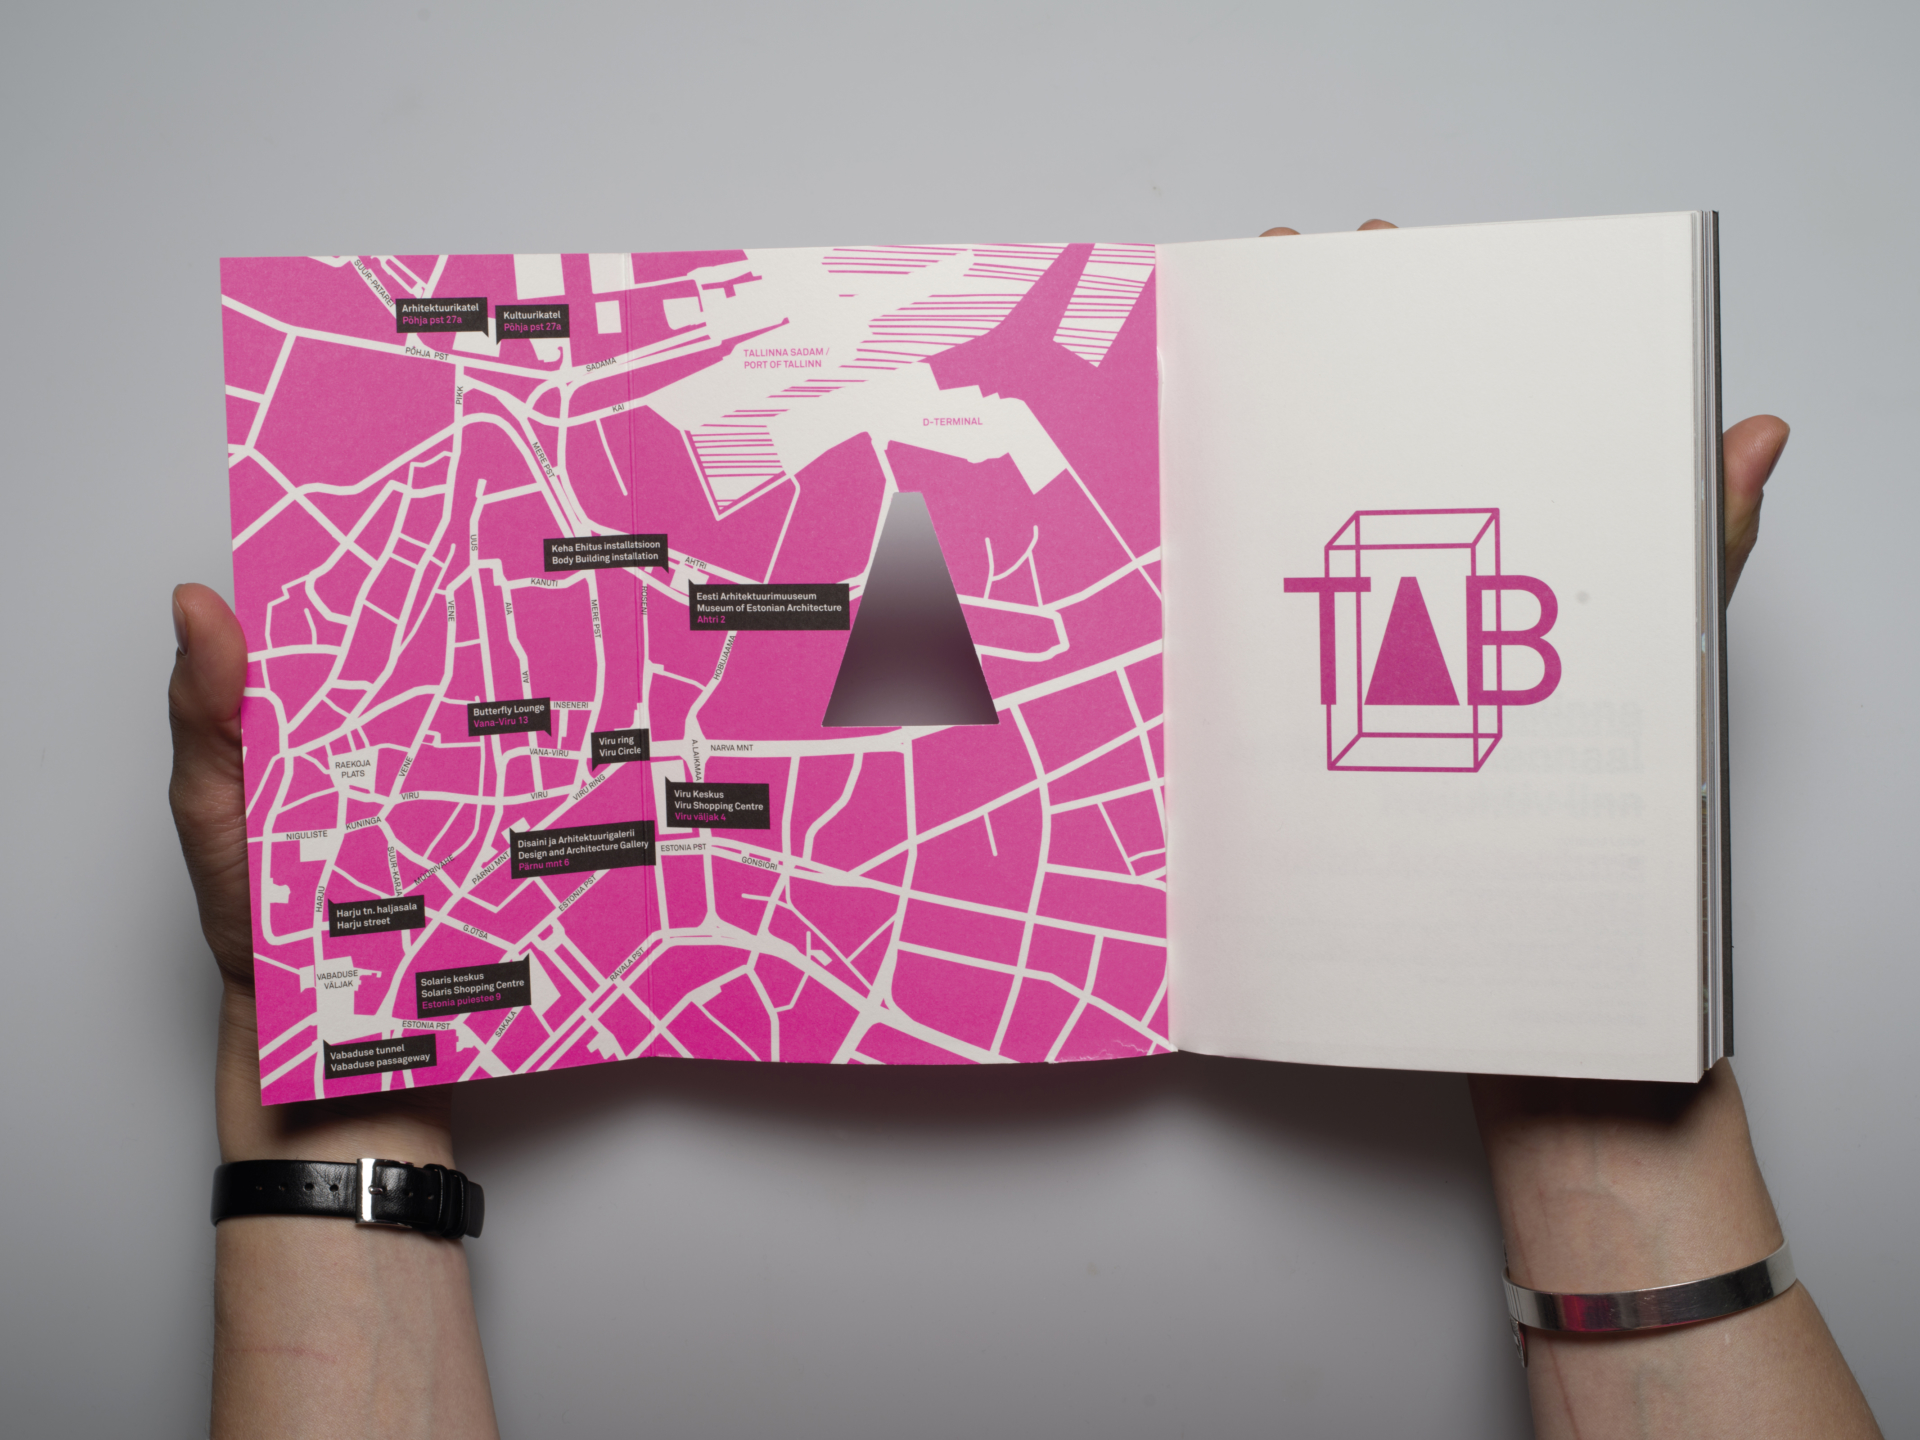 putka TAB 2015